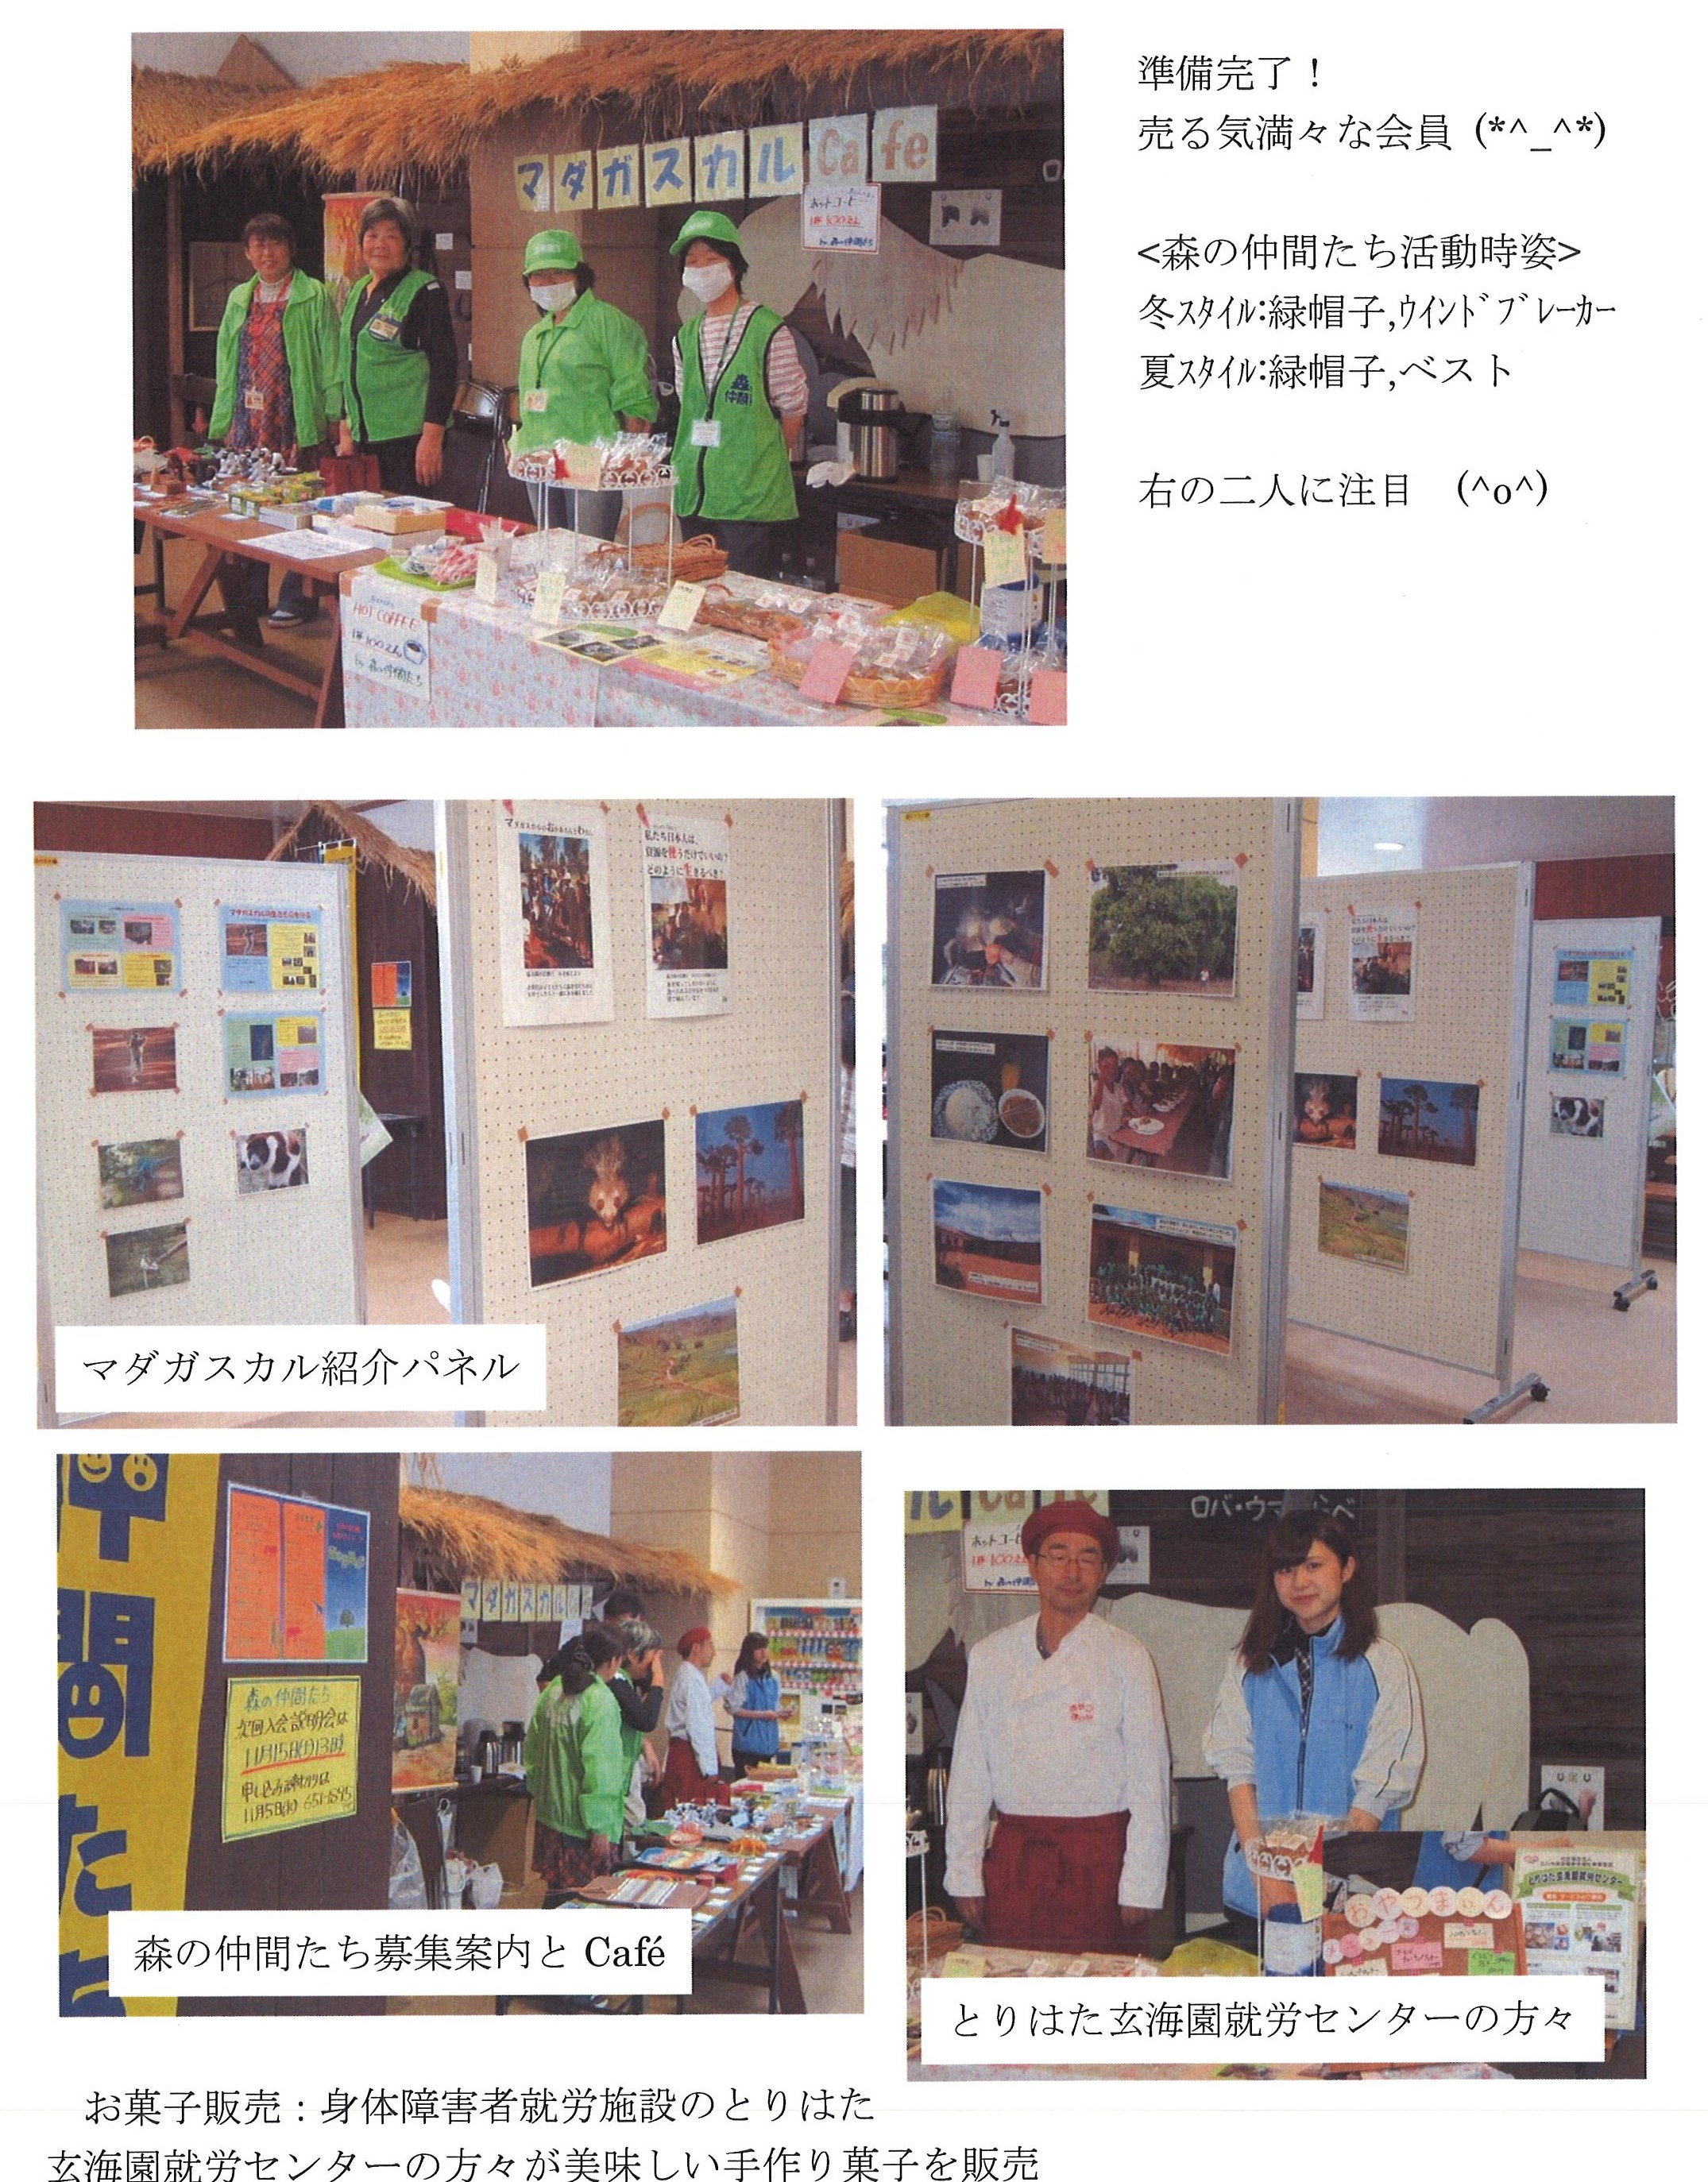 20141025_森の仲間たち_2.jpg